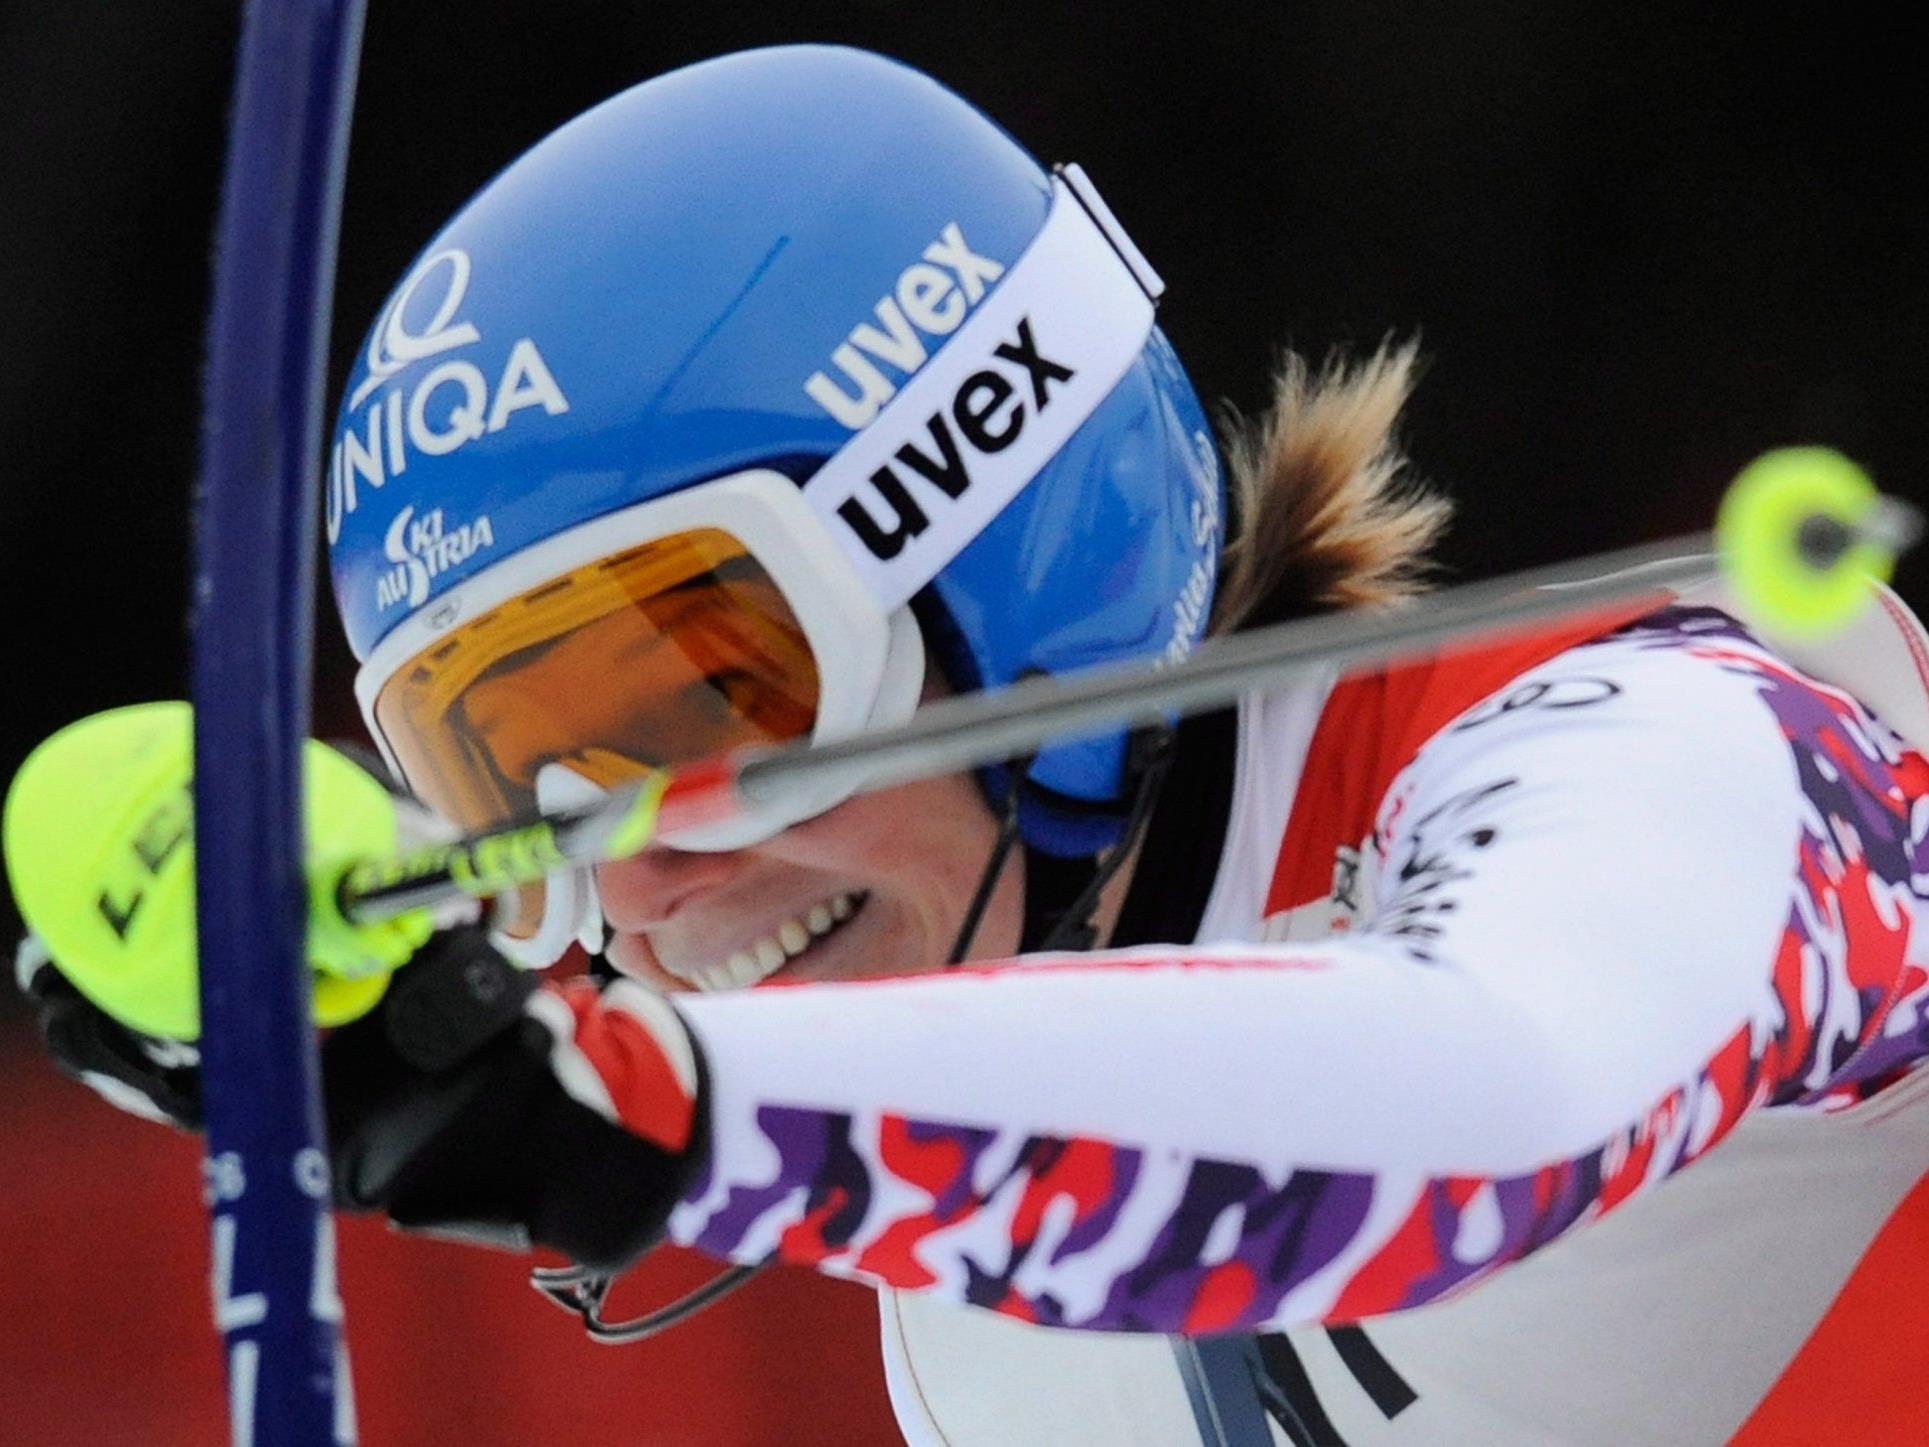 Marlies Schild hat in Lienz ihren 31. Weltcup-Slalom gewonnen.